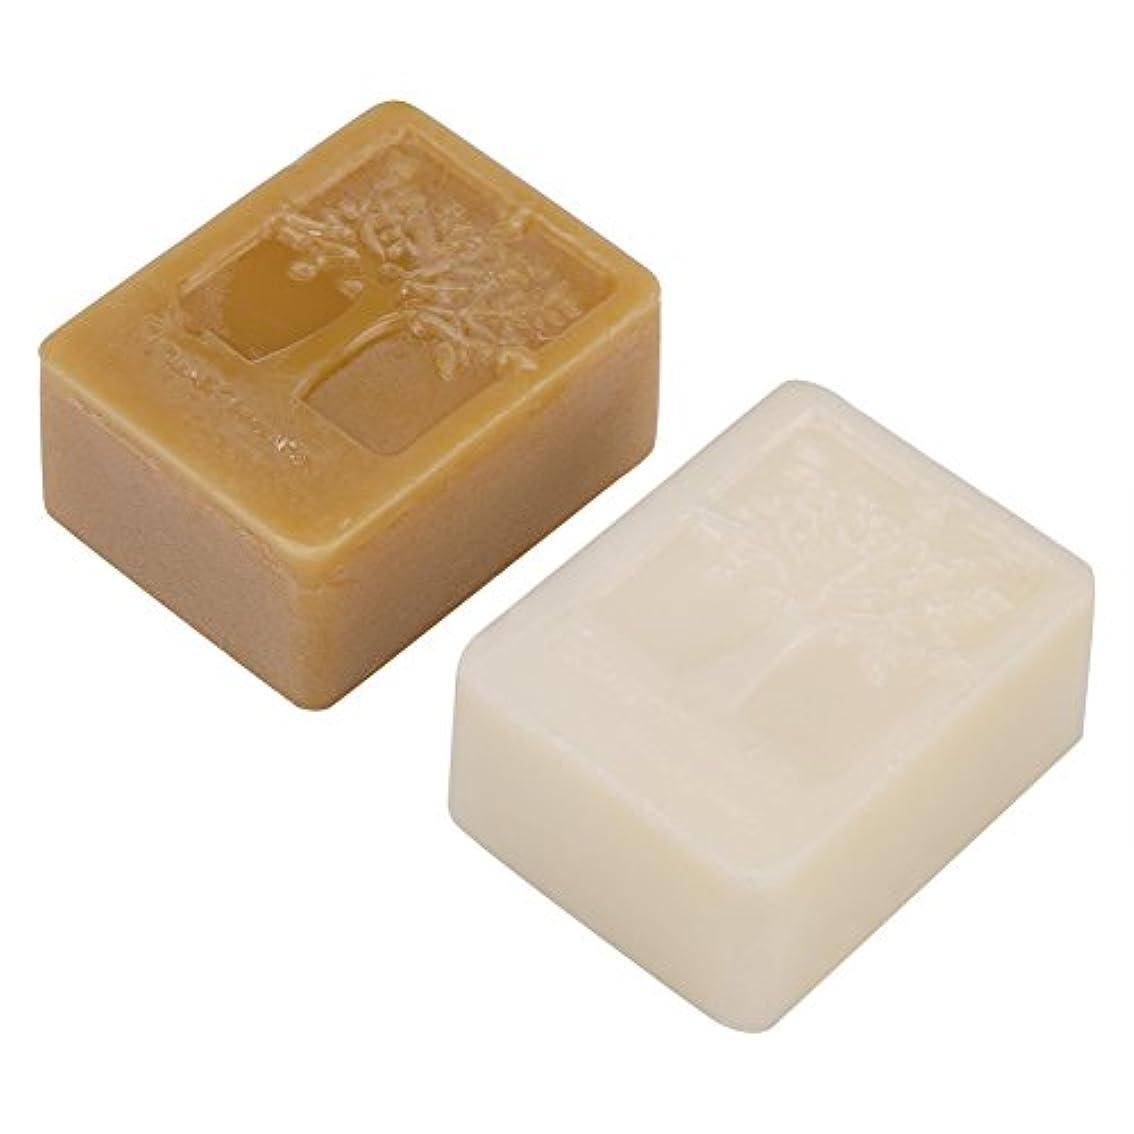 身元ヒープ公爵夫人純粋な100g / 3.5oz白い蜜蝋ブロック+ 100g / 3.5oz黄色の蜜蝋石鹸、食品等級